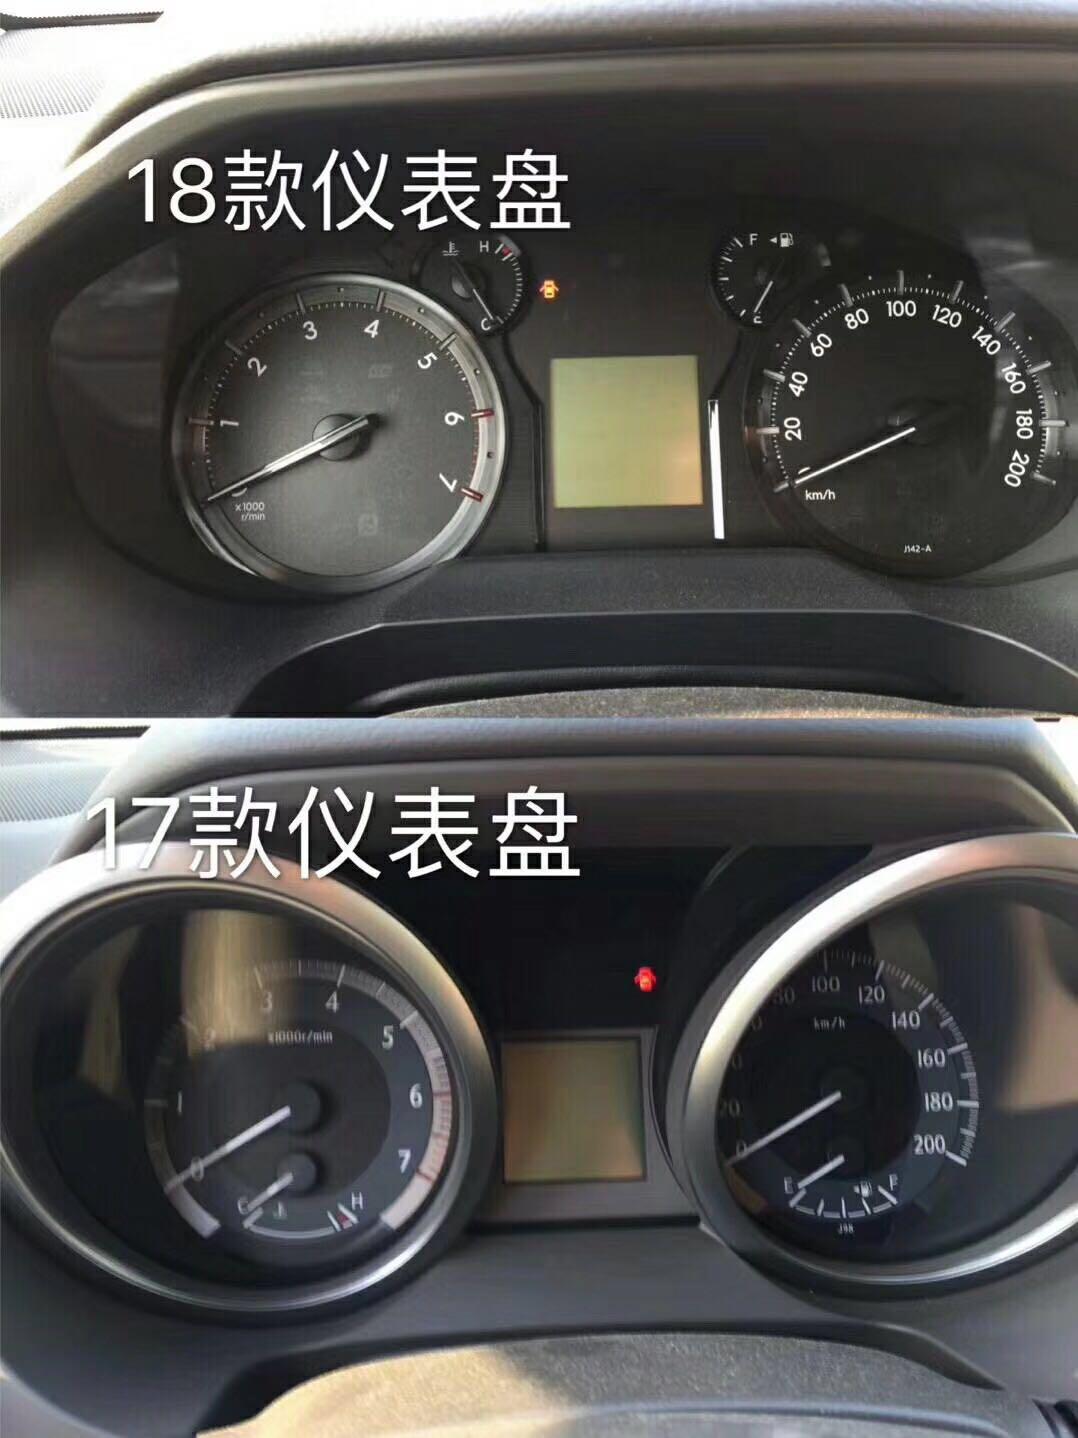 全新一代丰田霸道普拉多改款细节图片赏